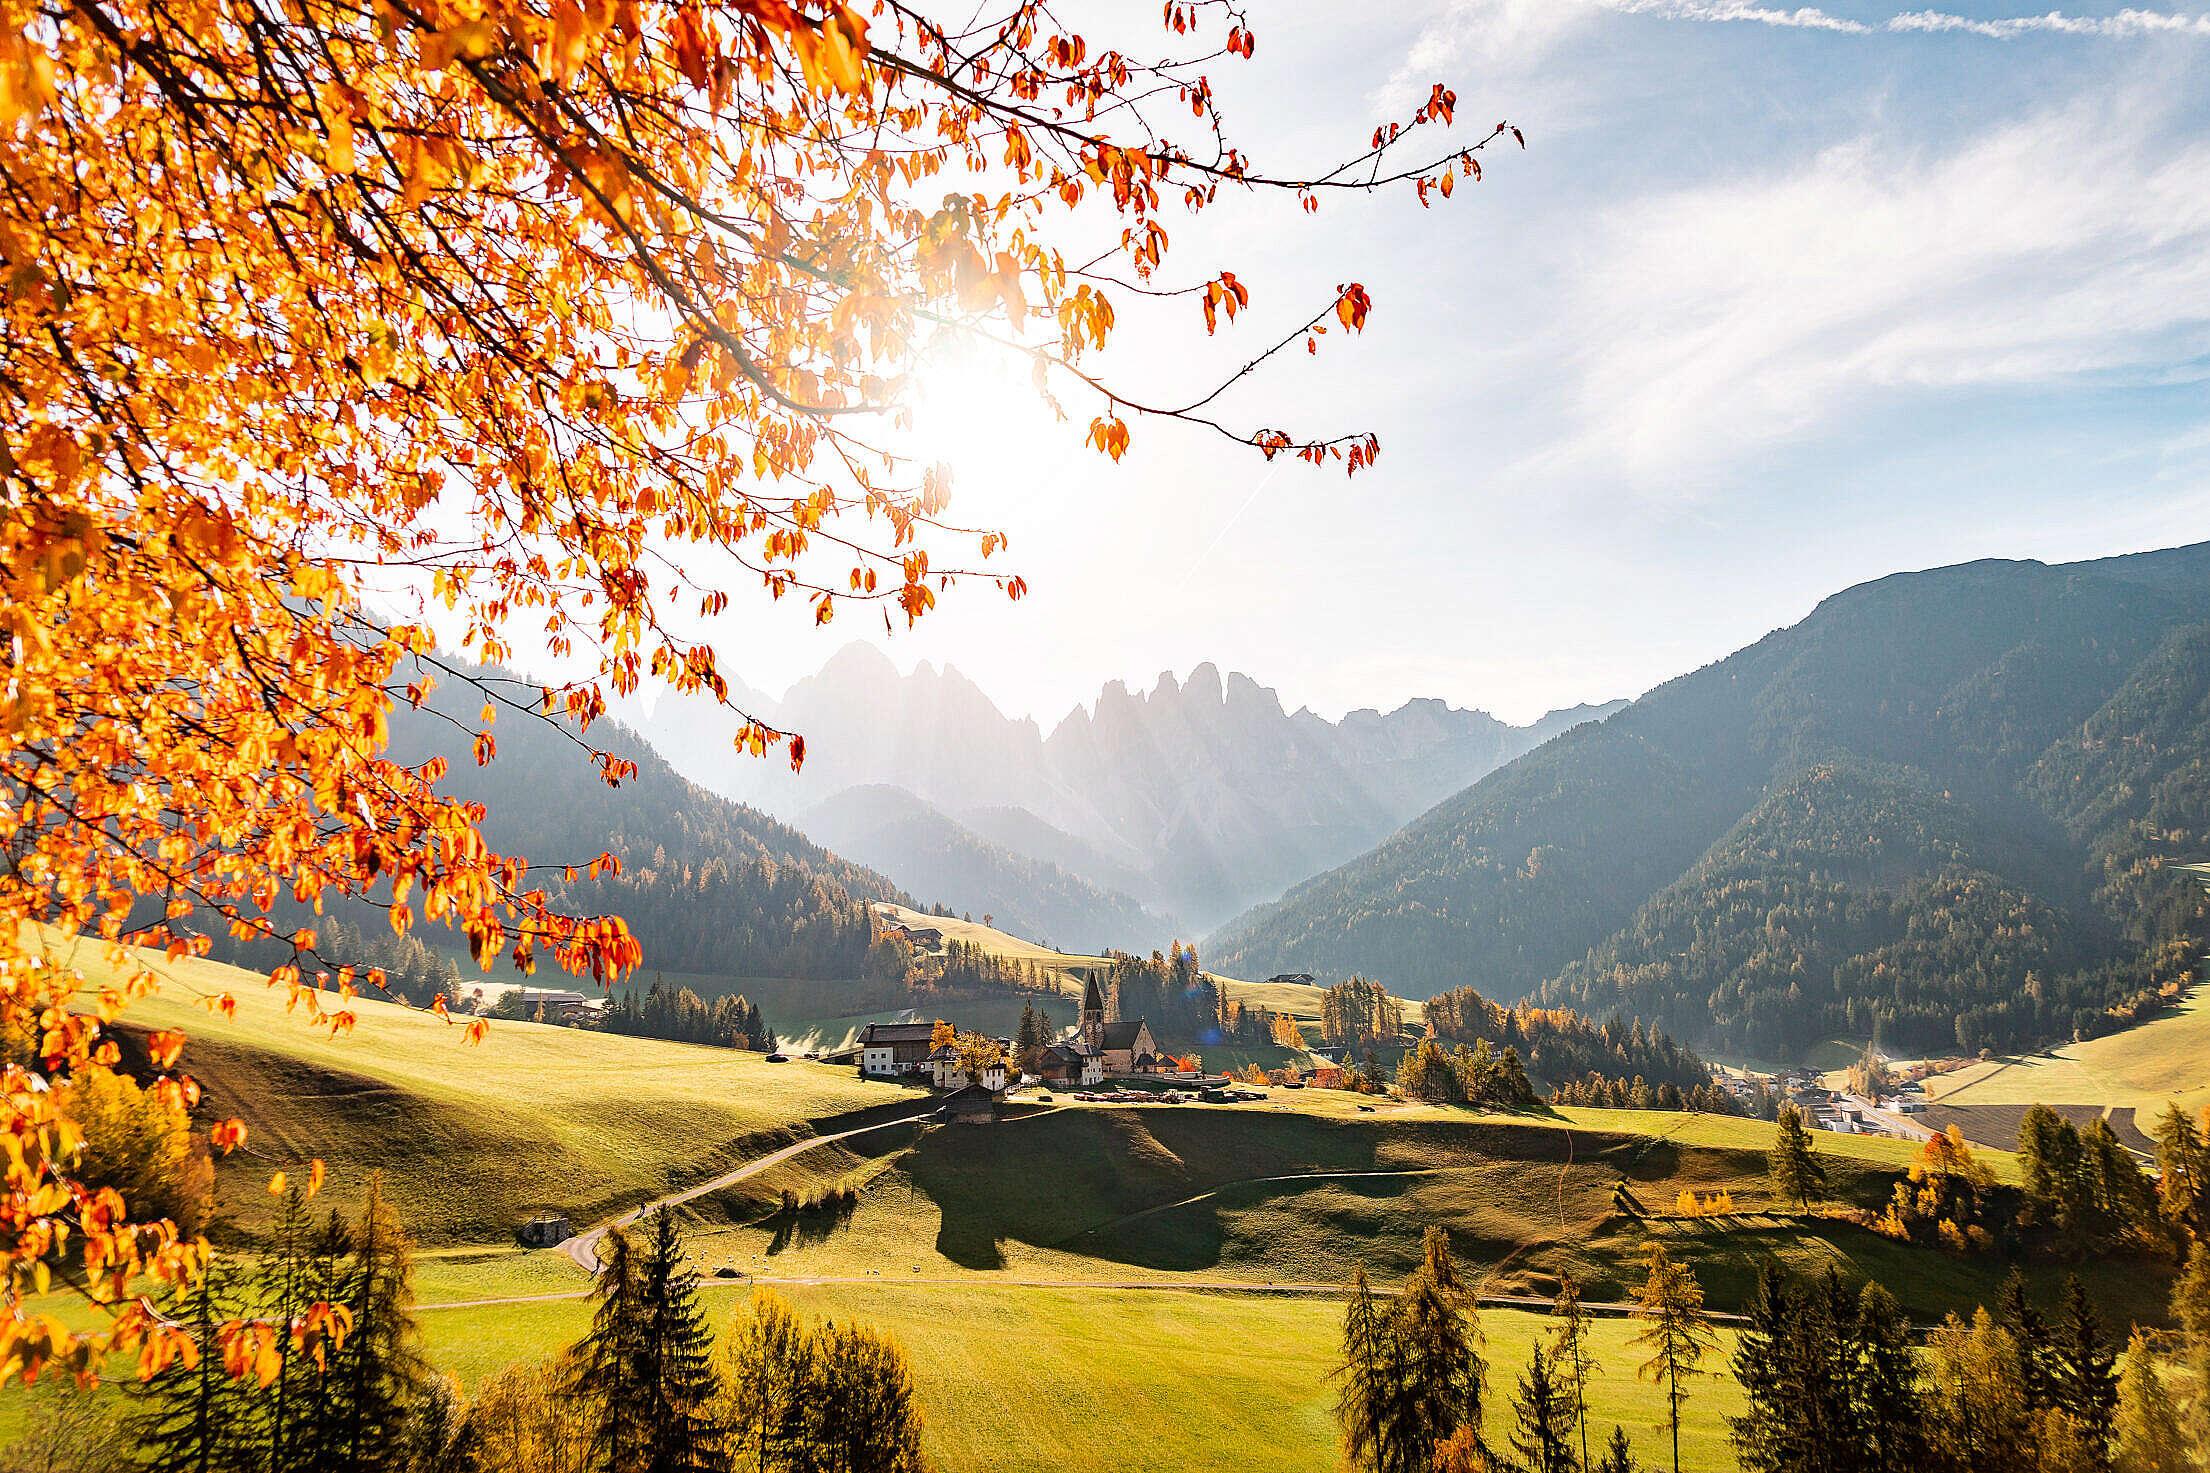 Spectacular Autumn Mountain View, Dolomites Italy Free Stock Photo